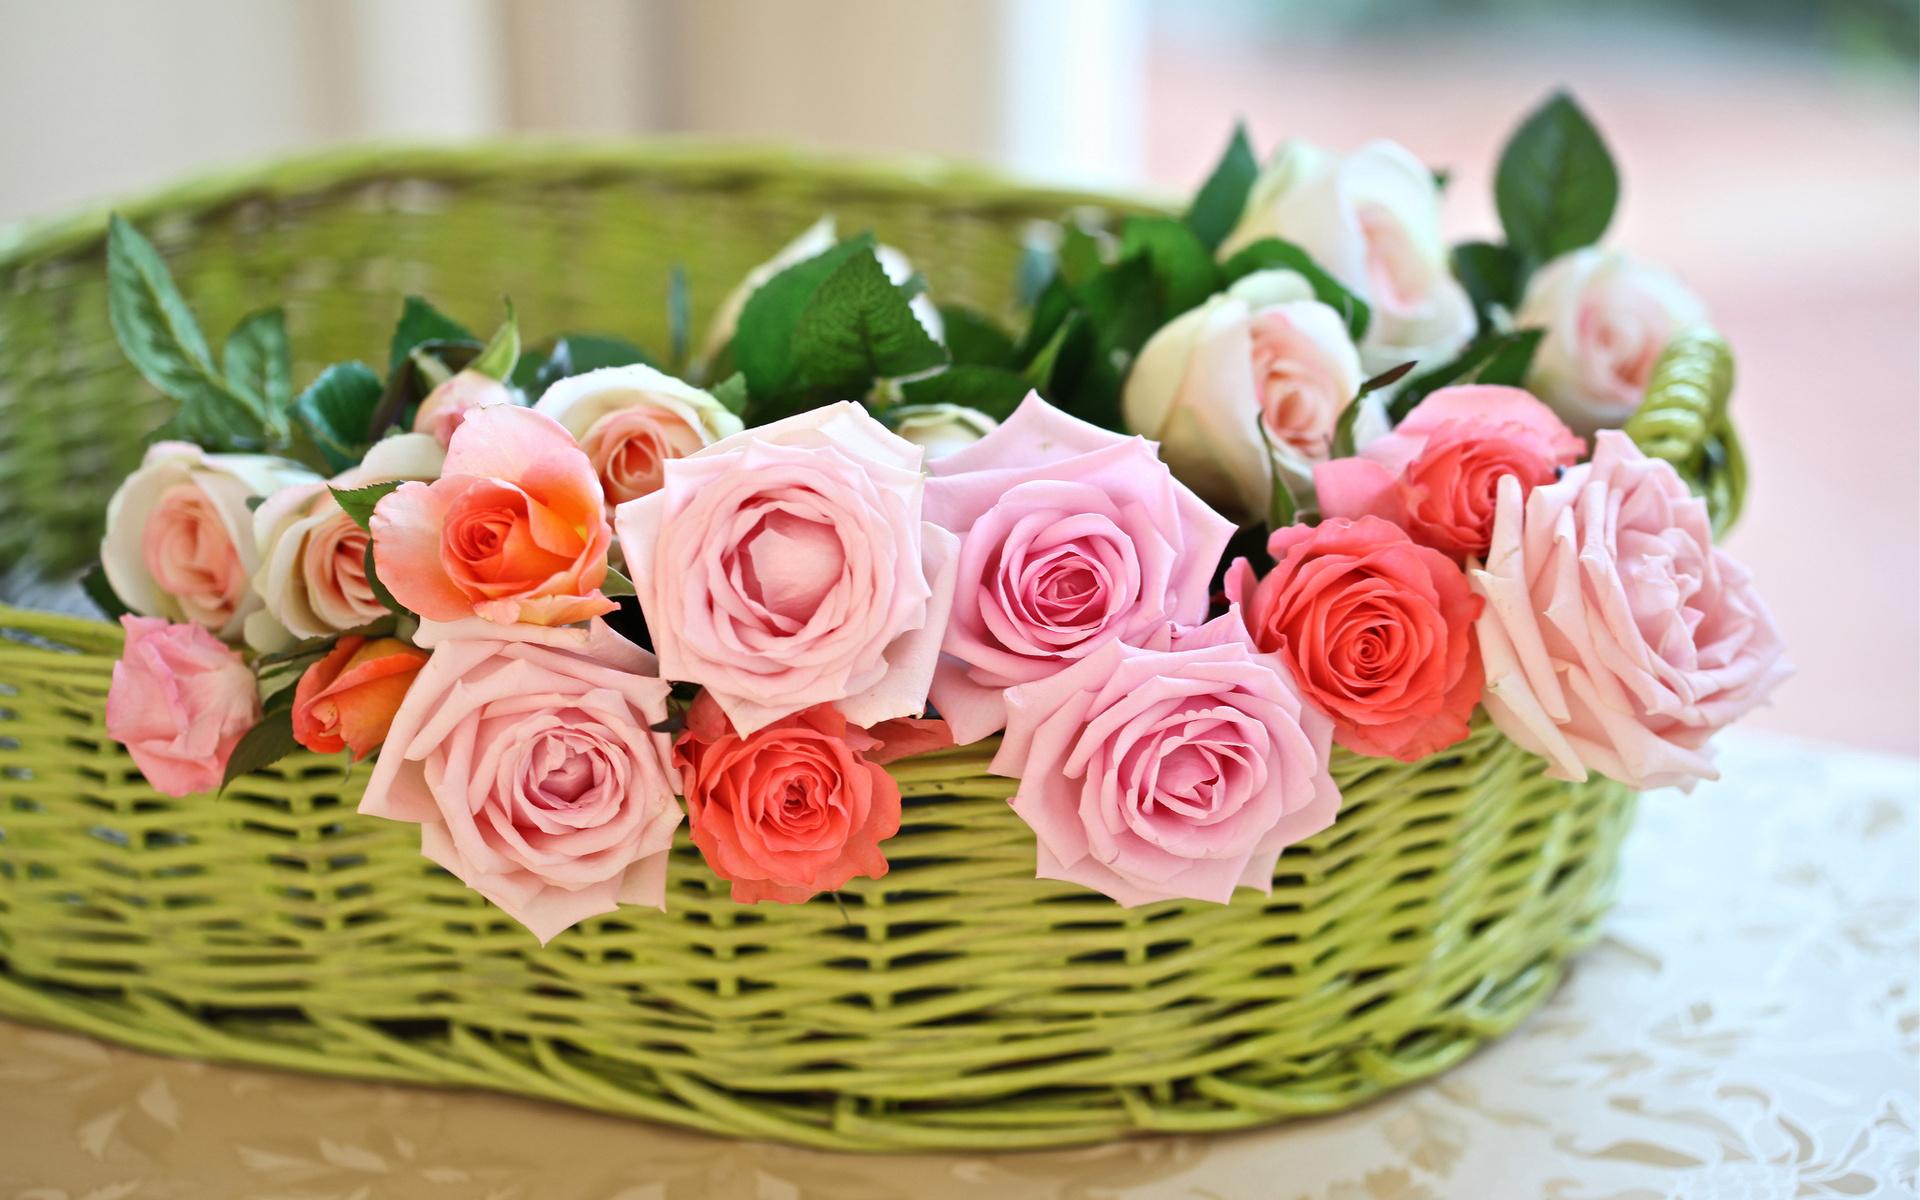 Flower-rose-red-love-in-valentine-5